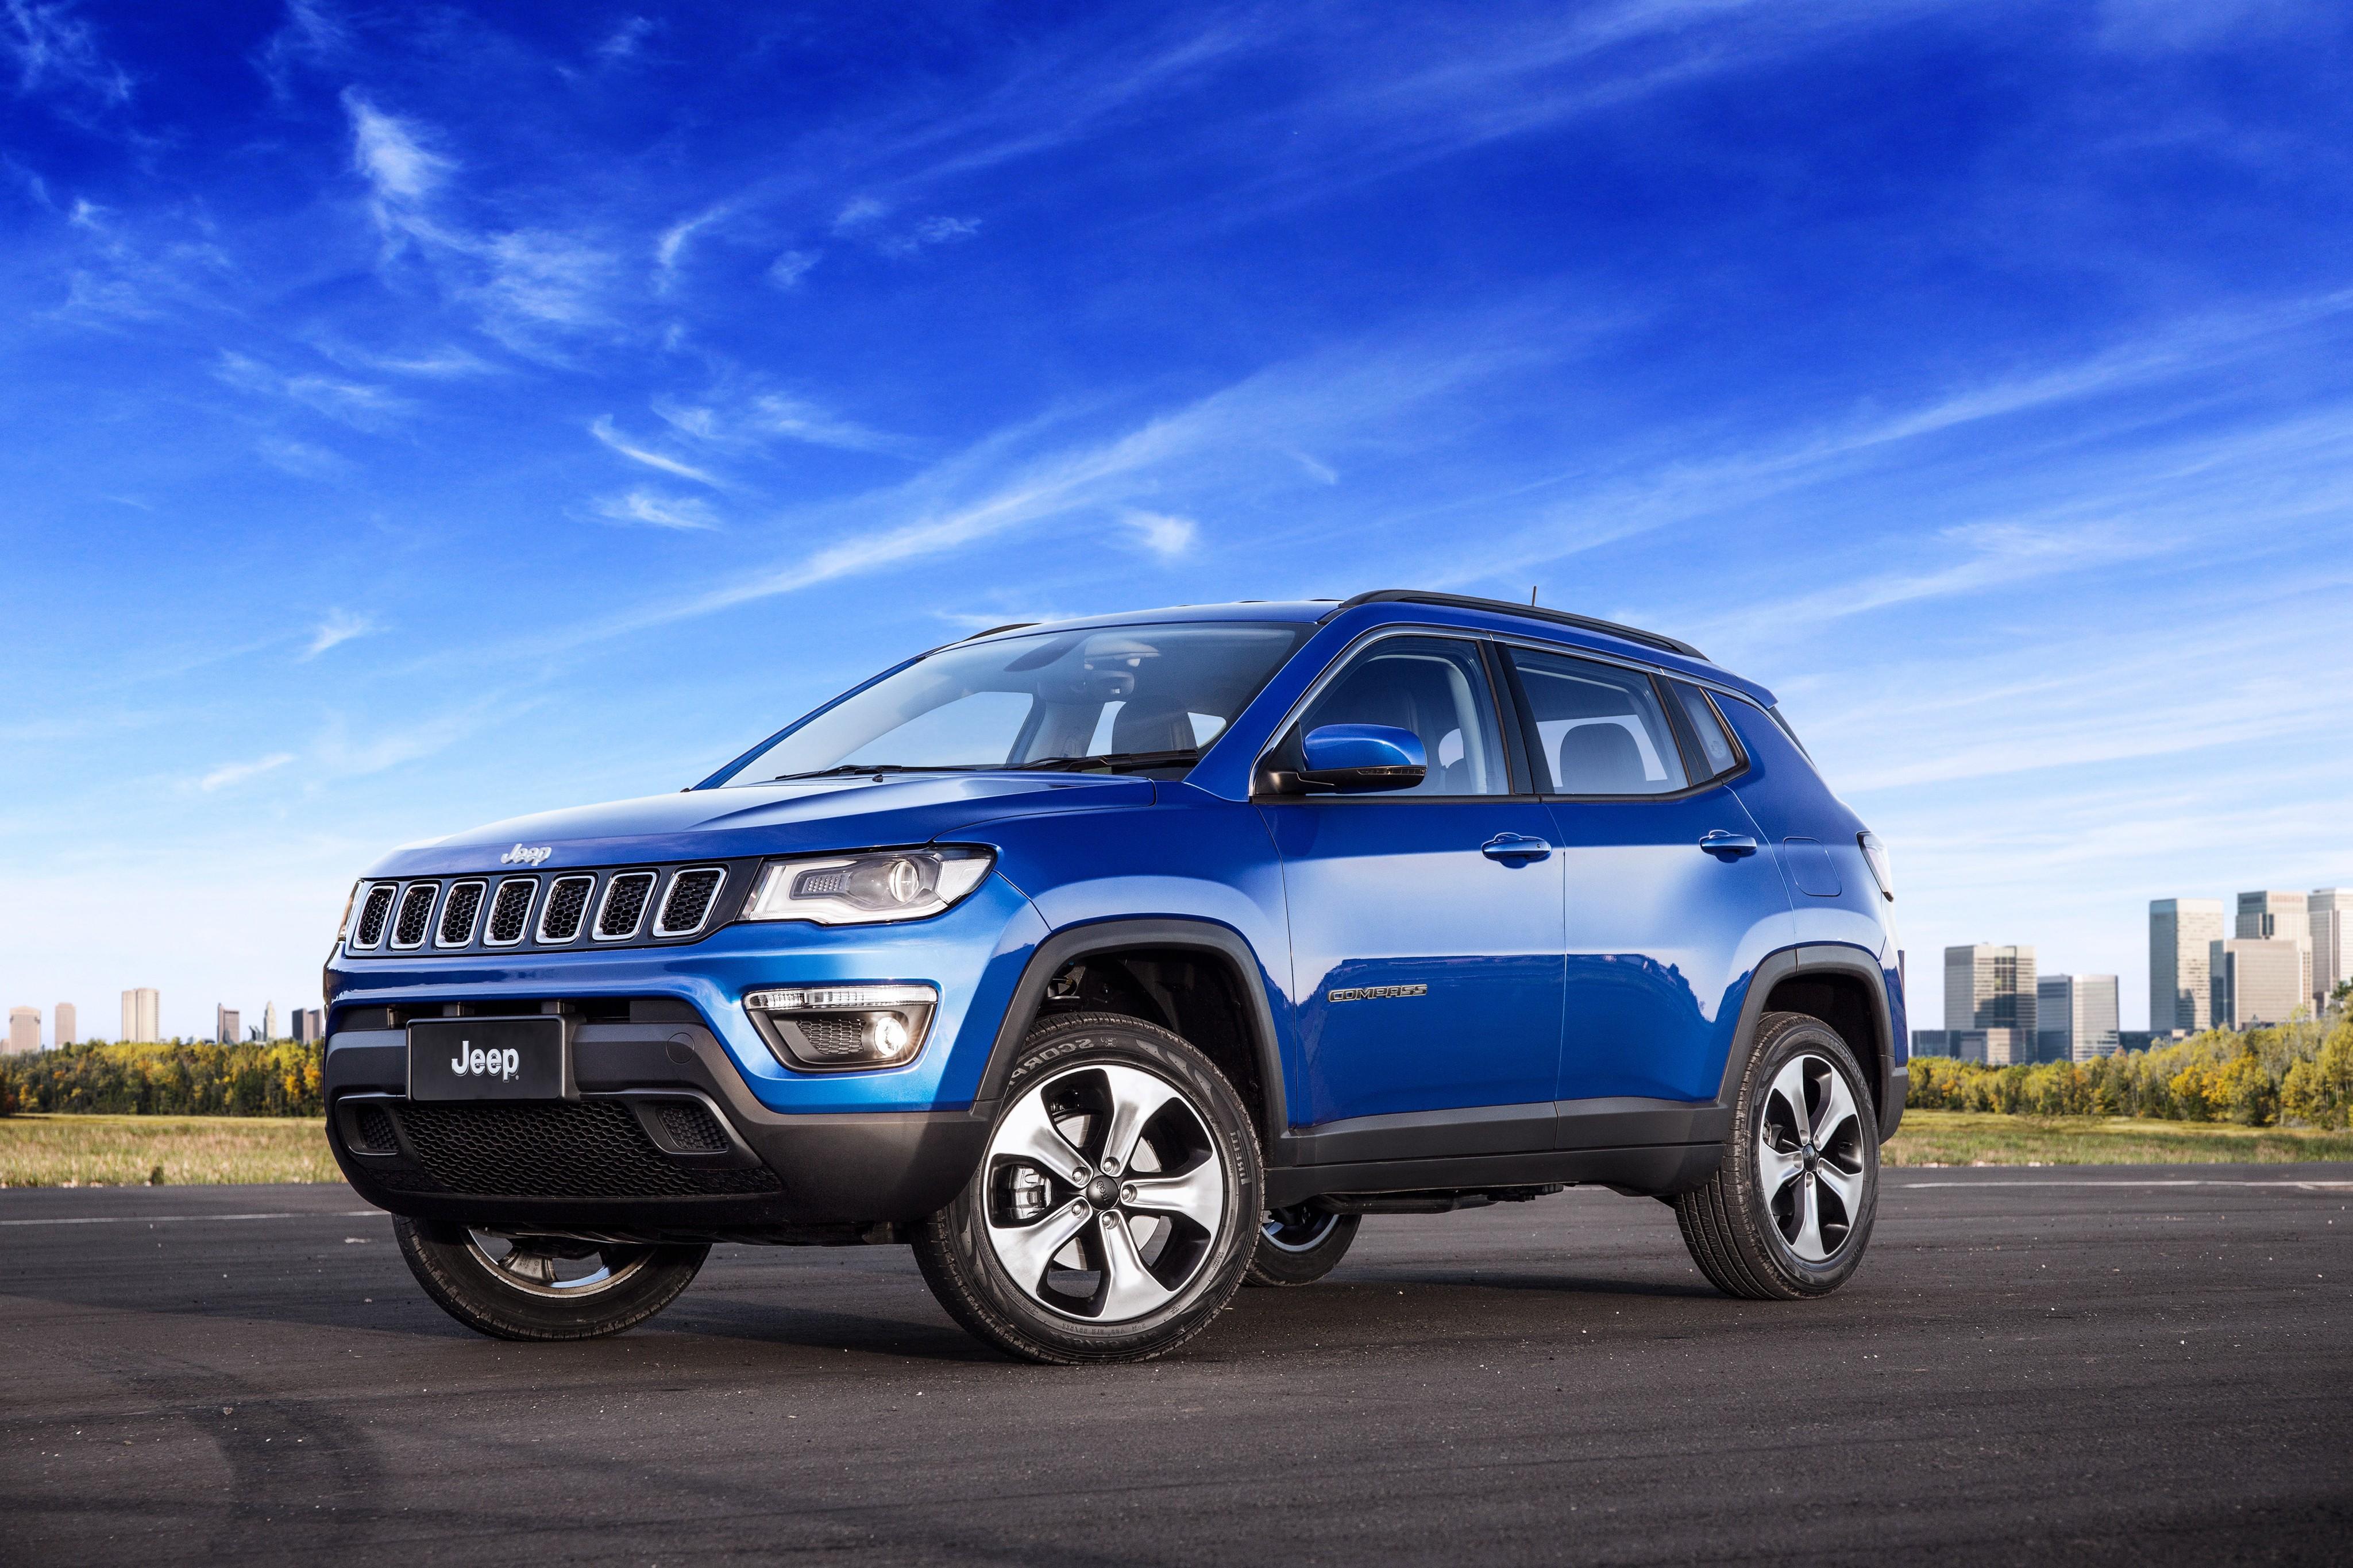 джип синий автомобиль jeep renegade скачать